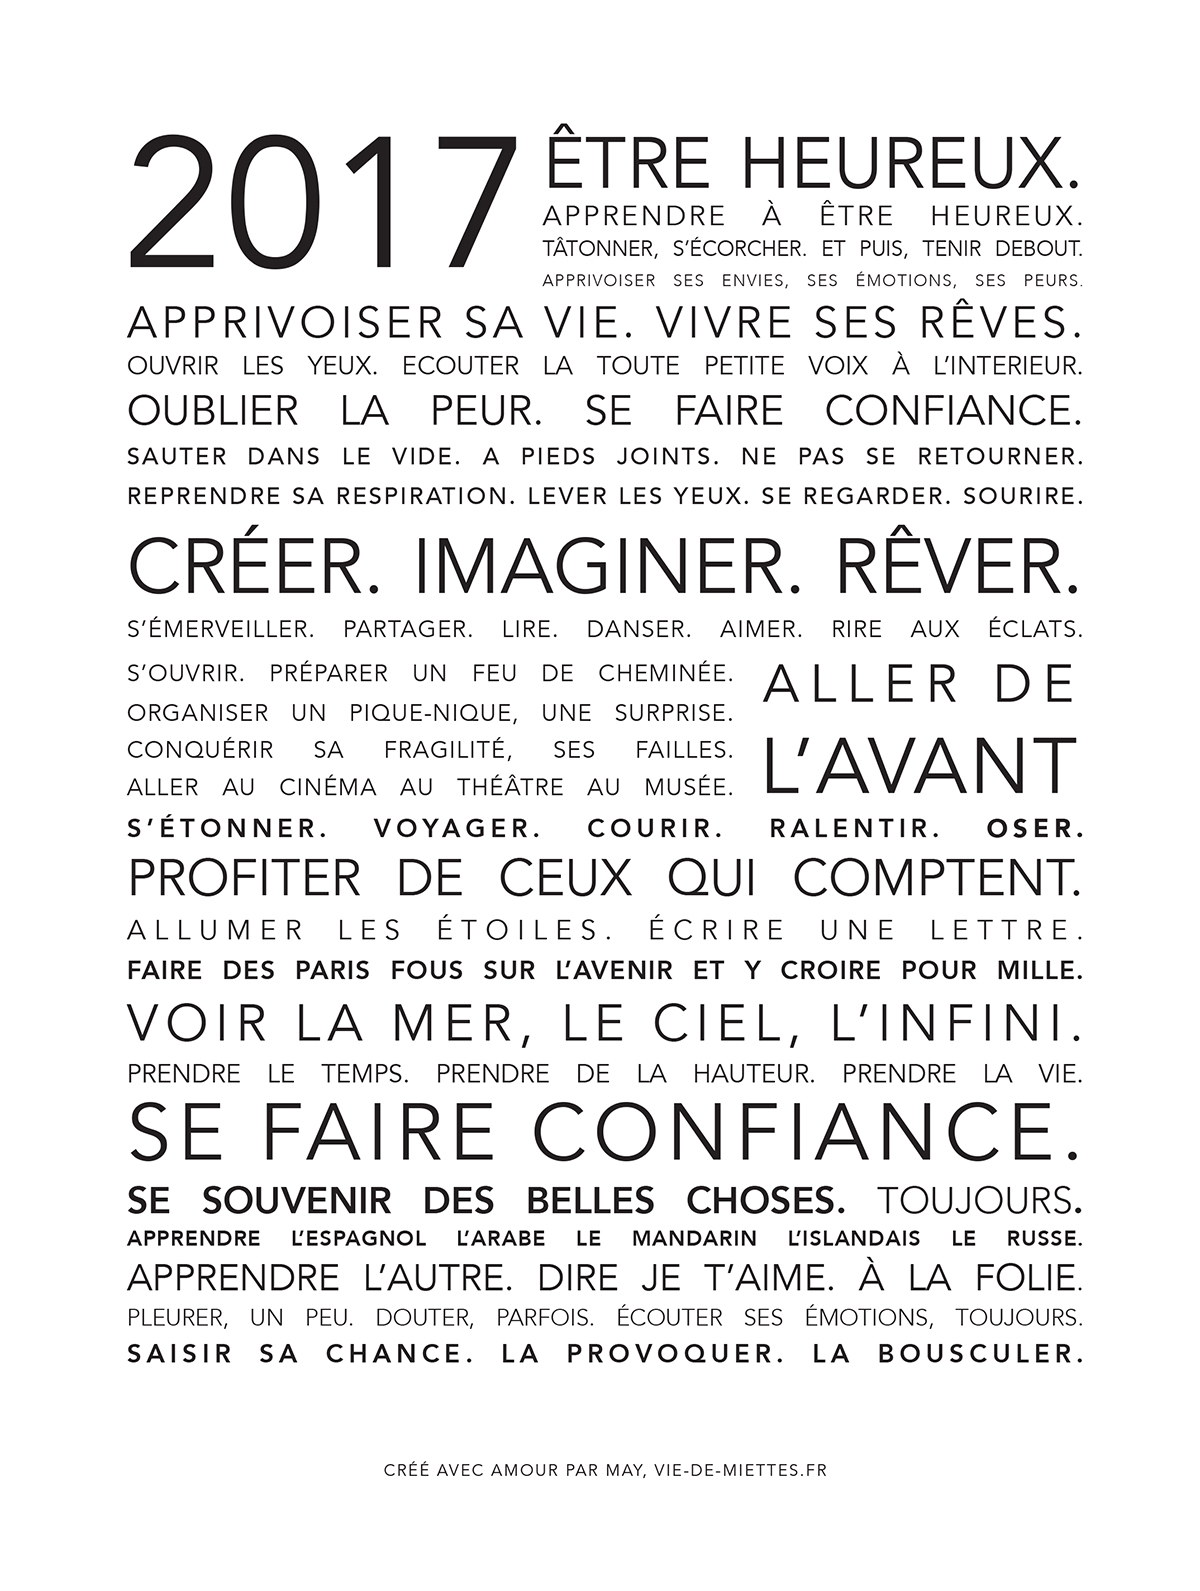 carte de voeux 2017 créée par May Lopez de Vie de miettes